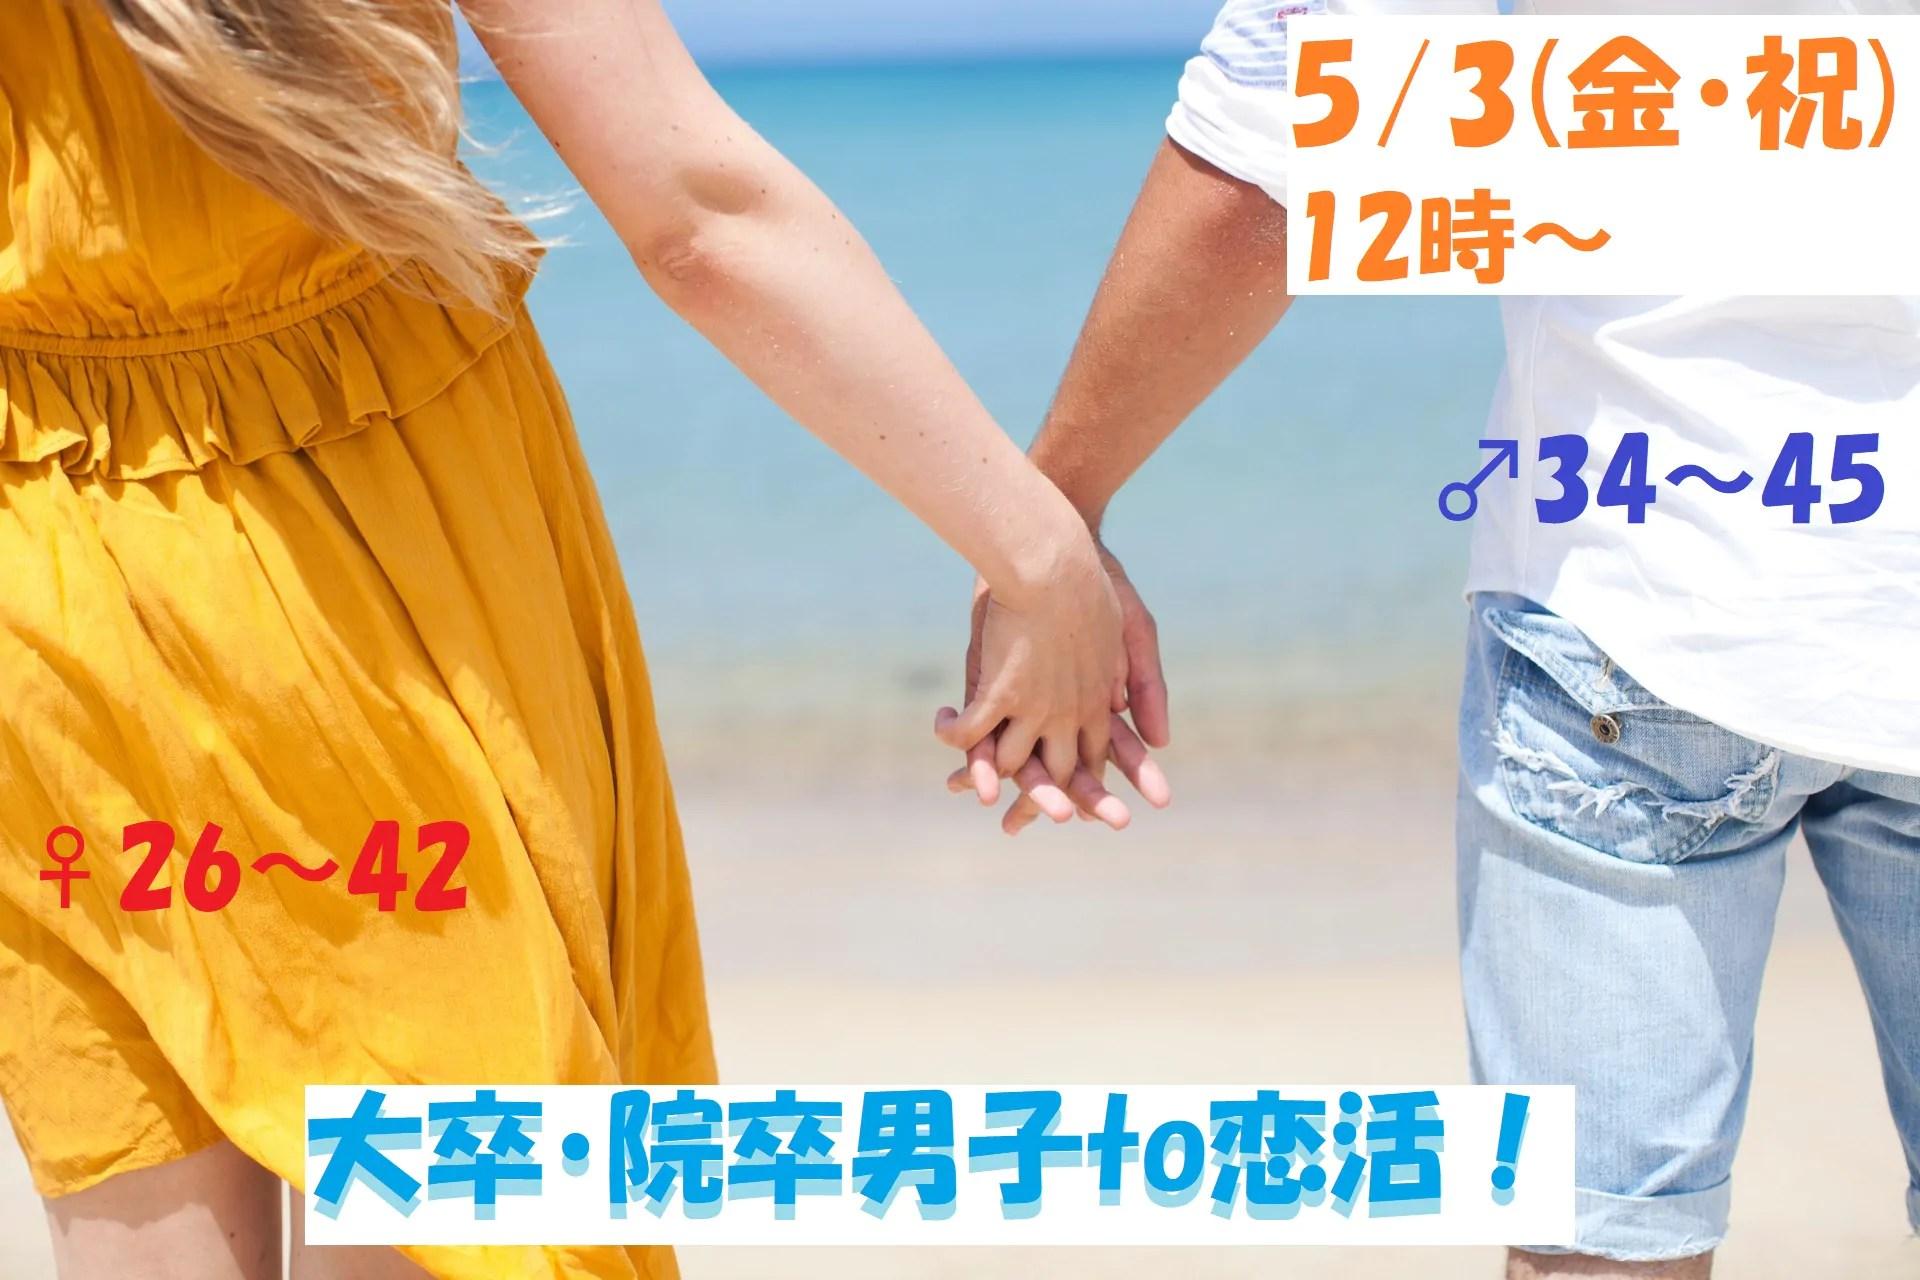 【終了】5月3日(金・祝)12時~【男性34~45歳,女性26~42歳】大卒・院卒男子to恋活!